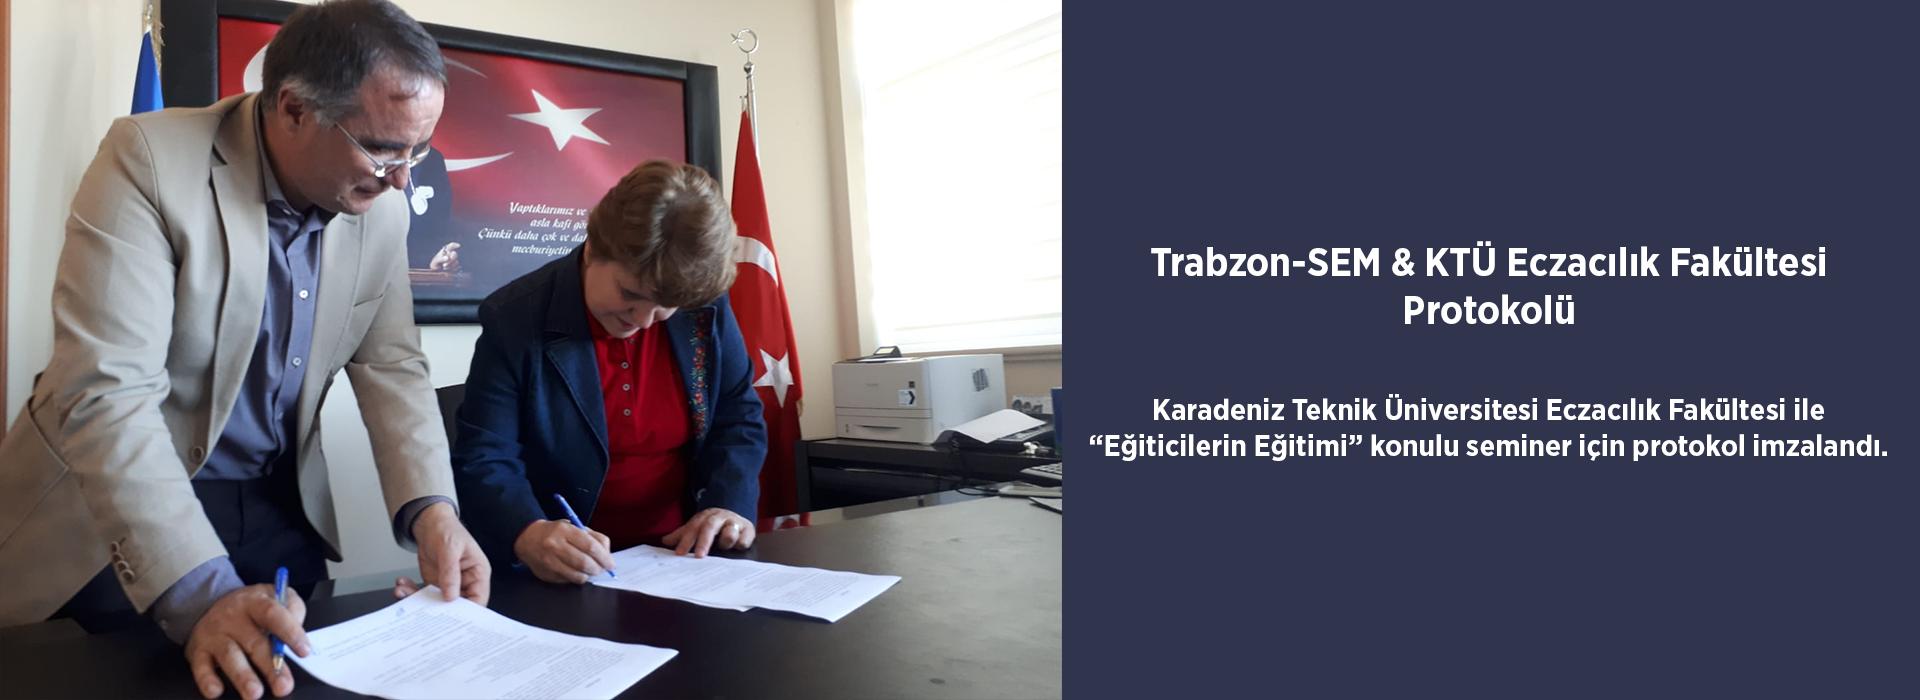 Trabzon-SEM ve KTÜ Eczacılık Fakültesi Protokolü